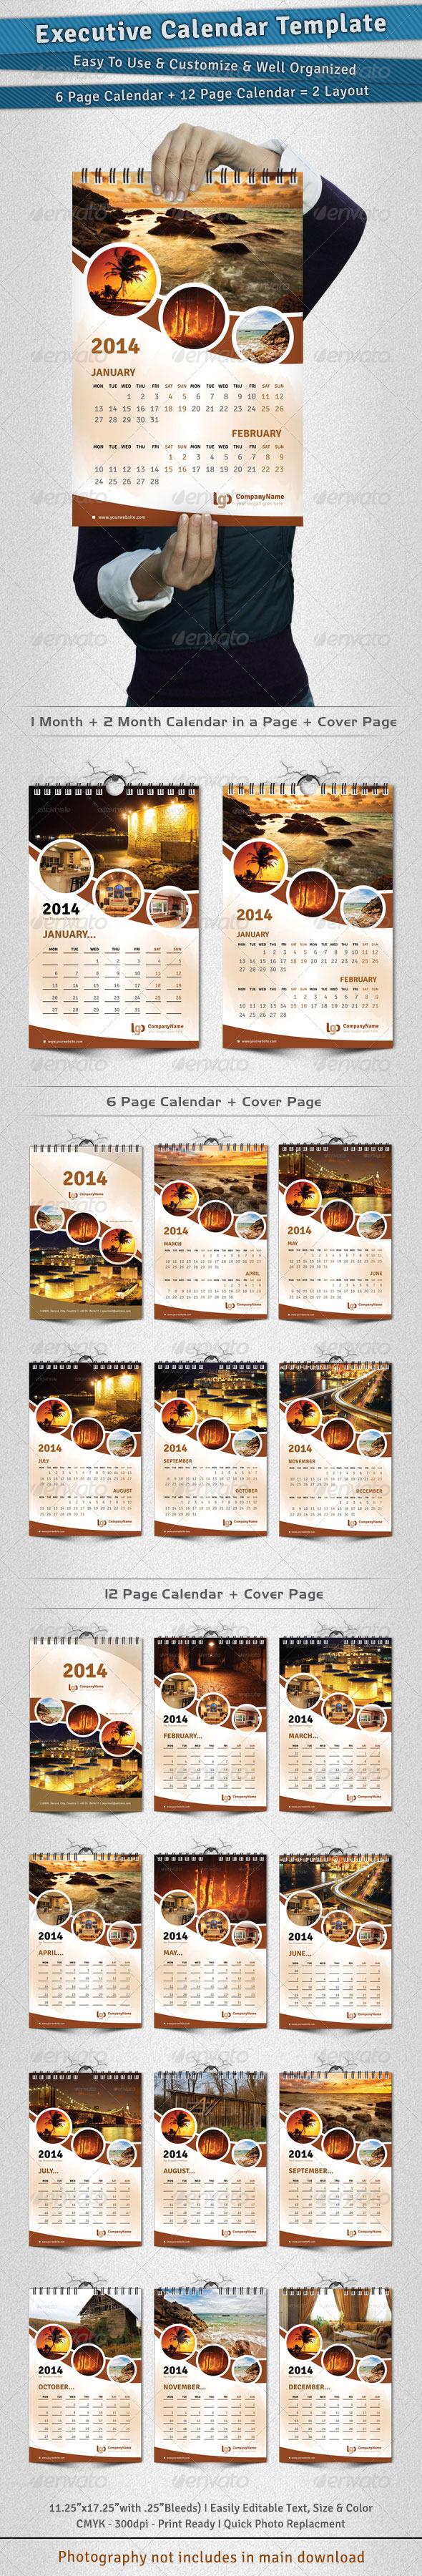 Executive Calendar Template 2014 - Calendars Stationery